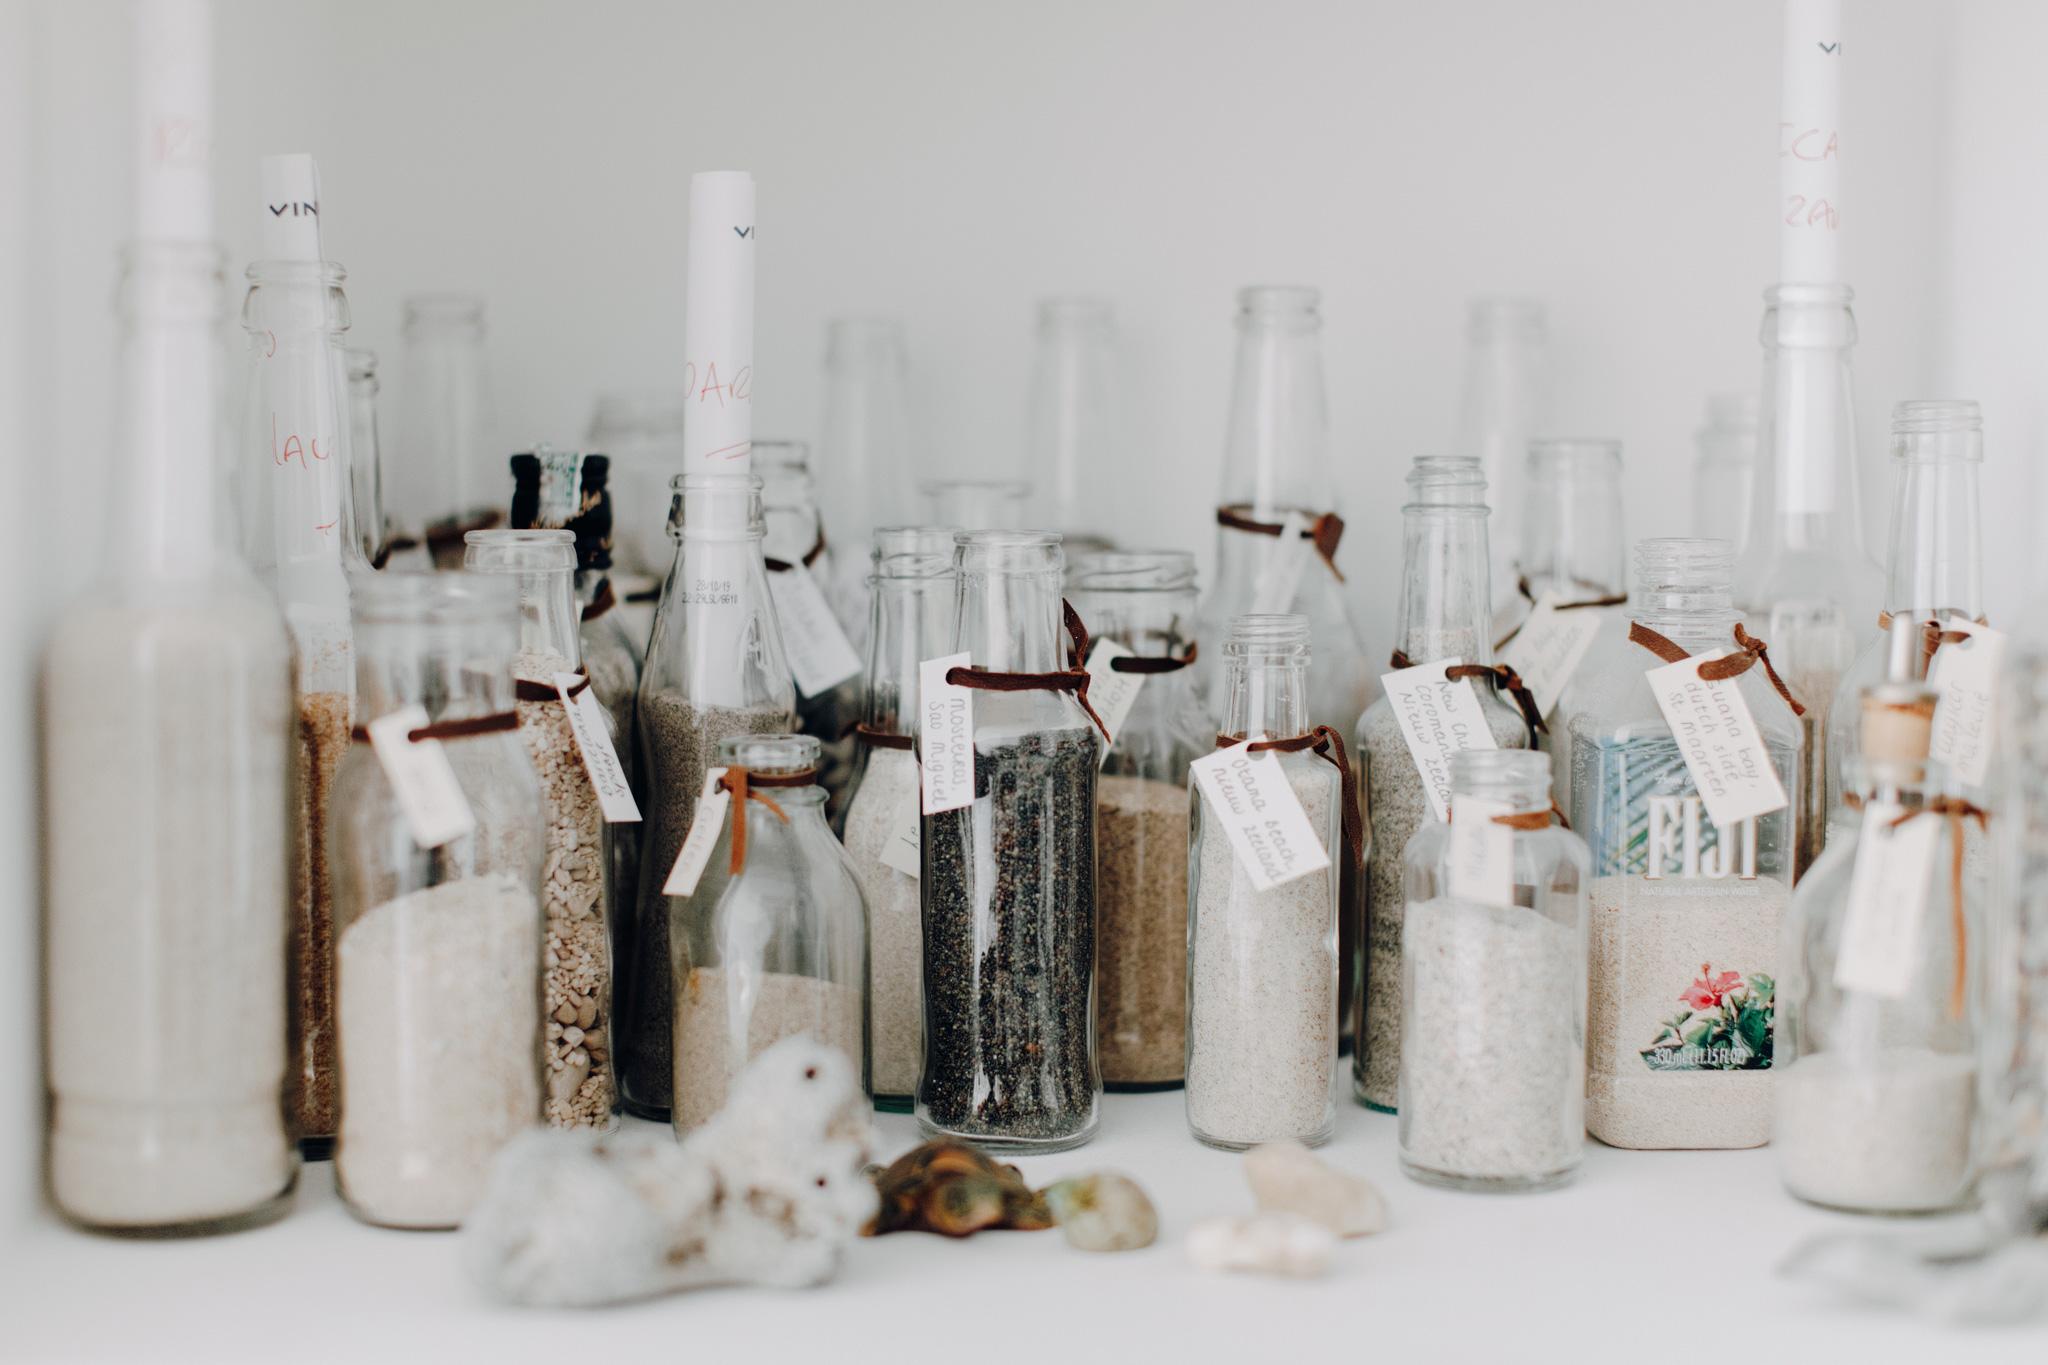 Zand uit alle delen van de wereld in potjes bewaard